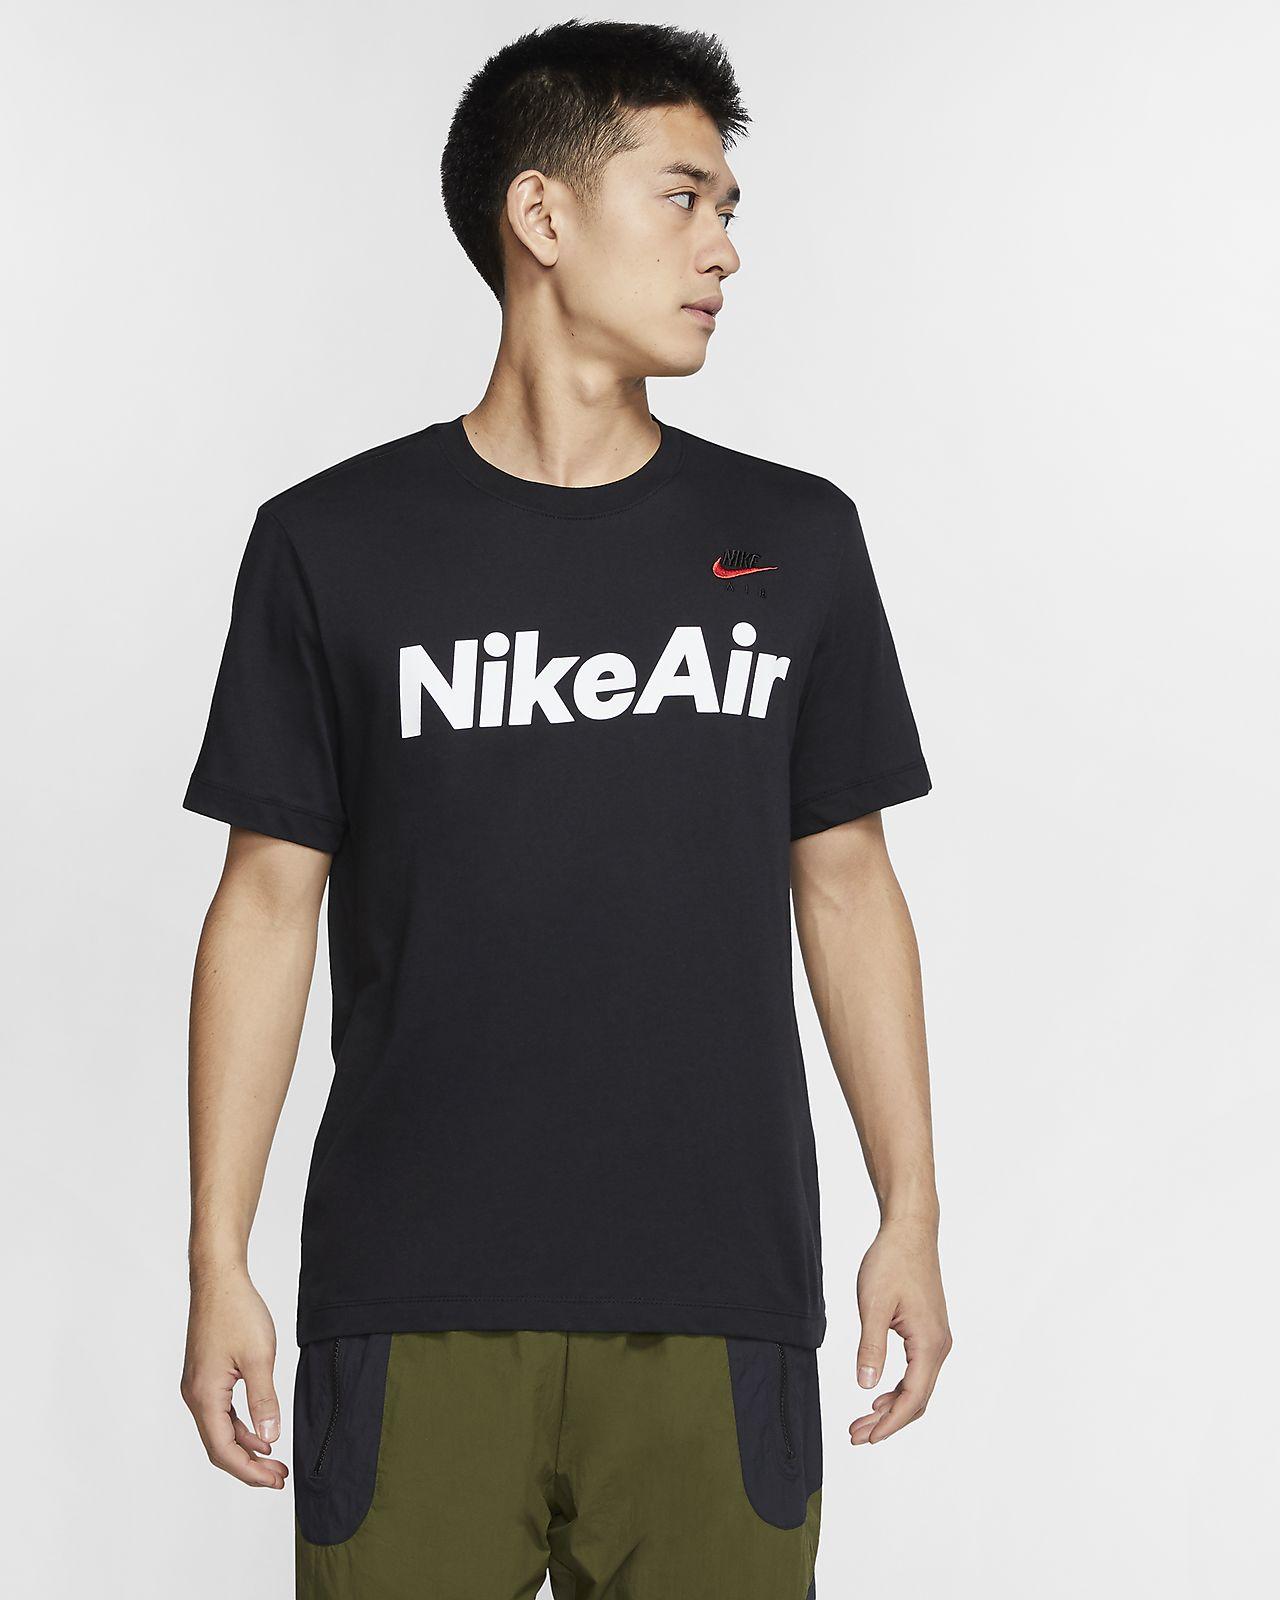 tee+shirt+homme+nike